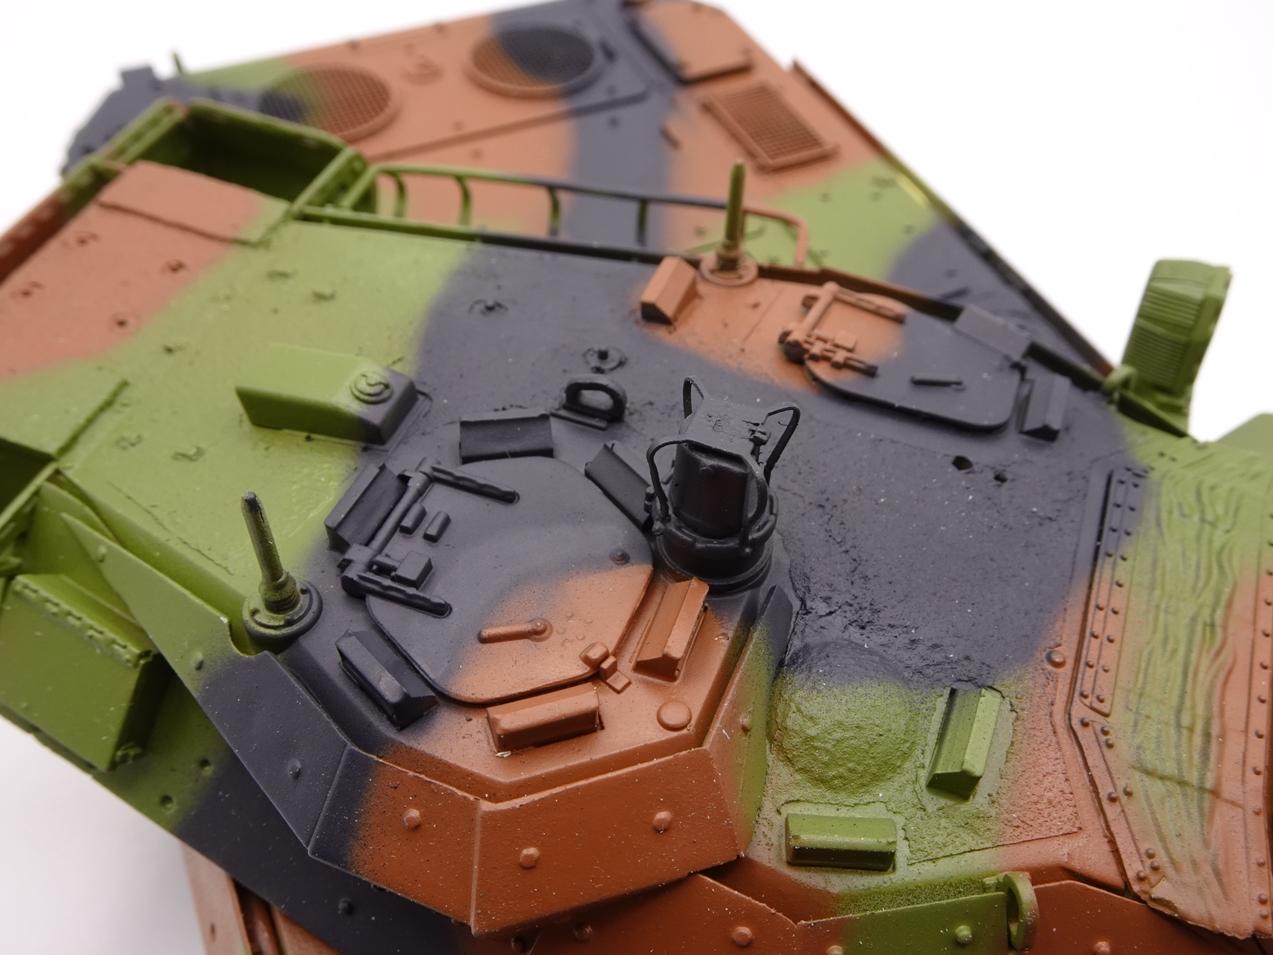 [Tiger Model] AMX-10RCR réf. 4602 - 1/35 - Page 3 Amx10-camo-6